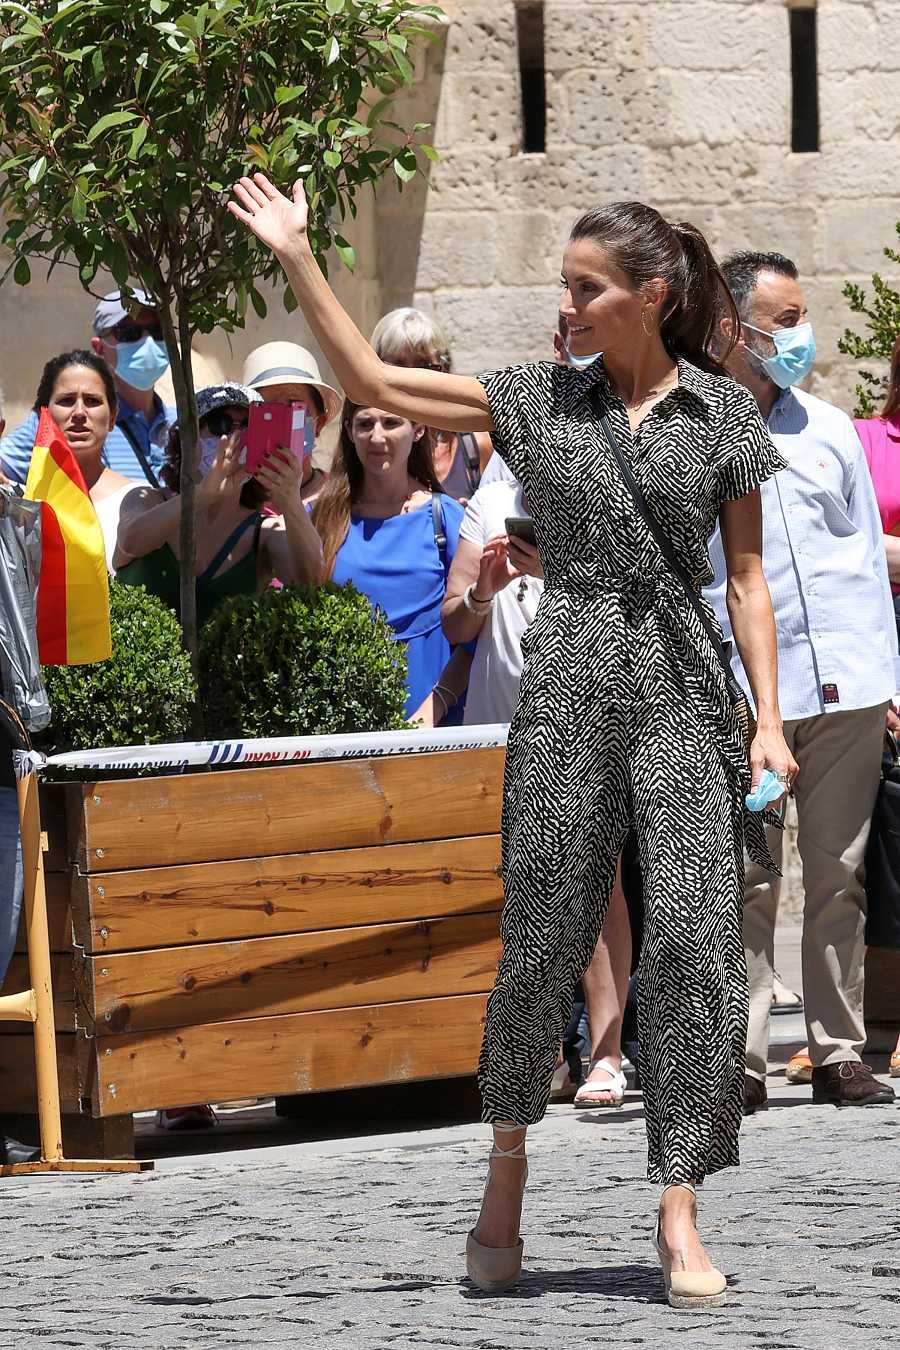 La reina Letizia durante su visita a Cuenca - 2 de julio de 2020.